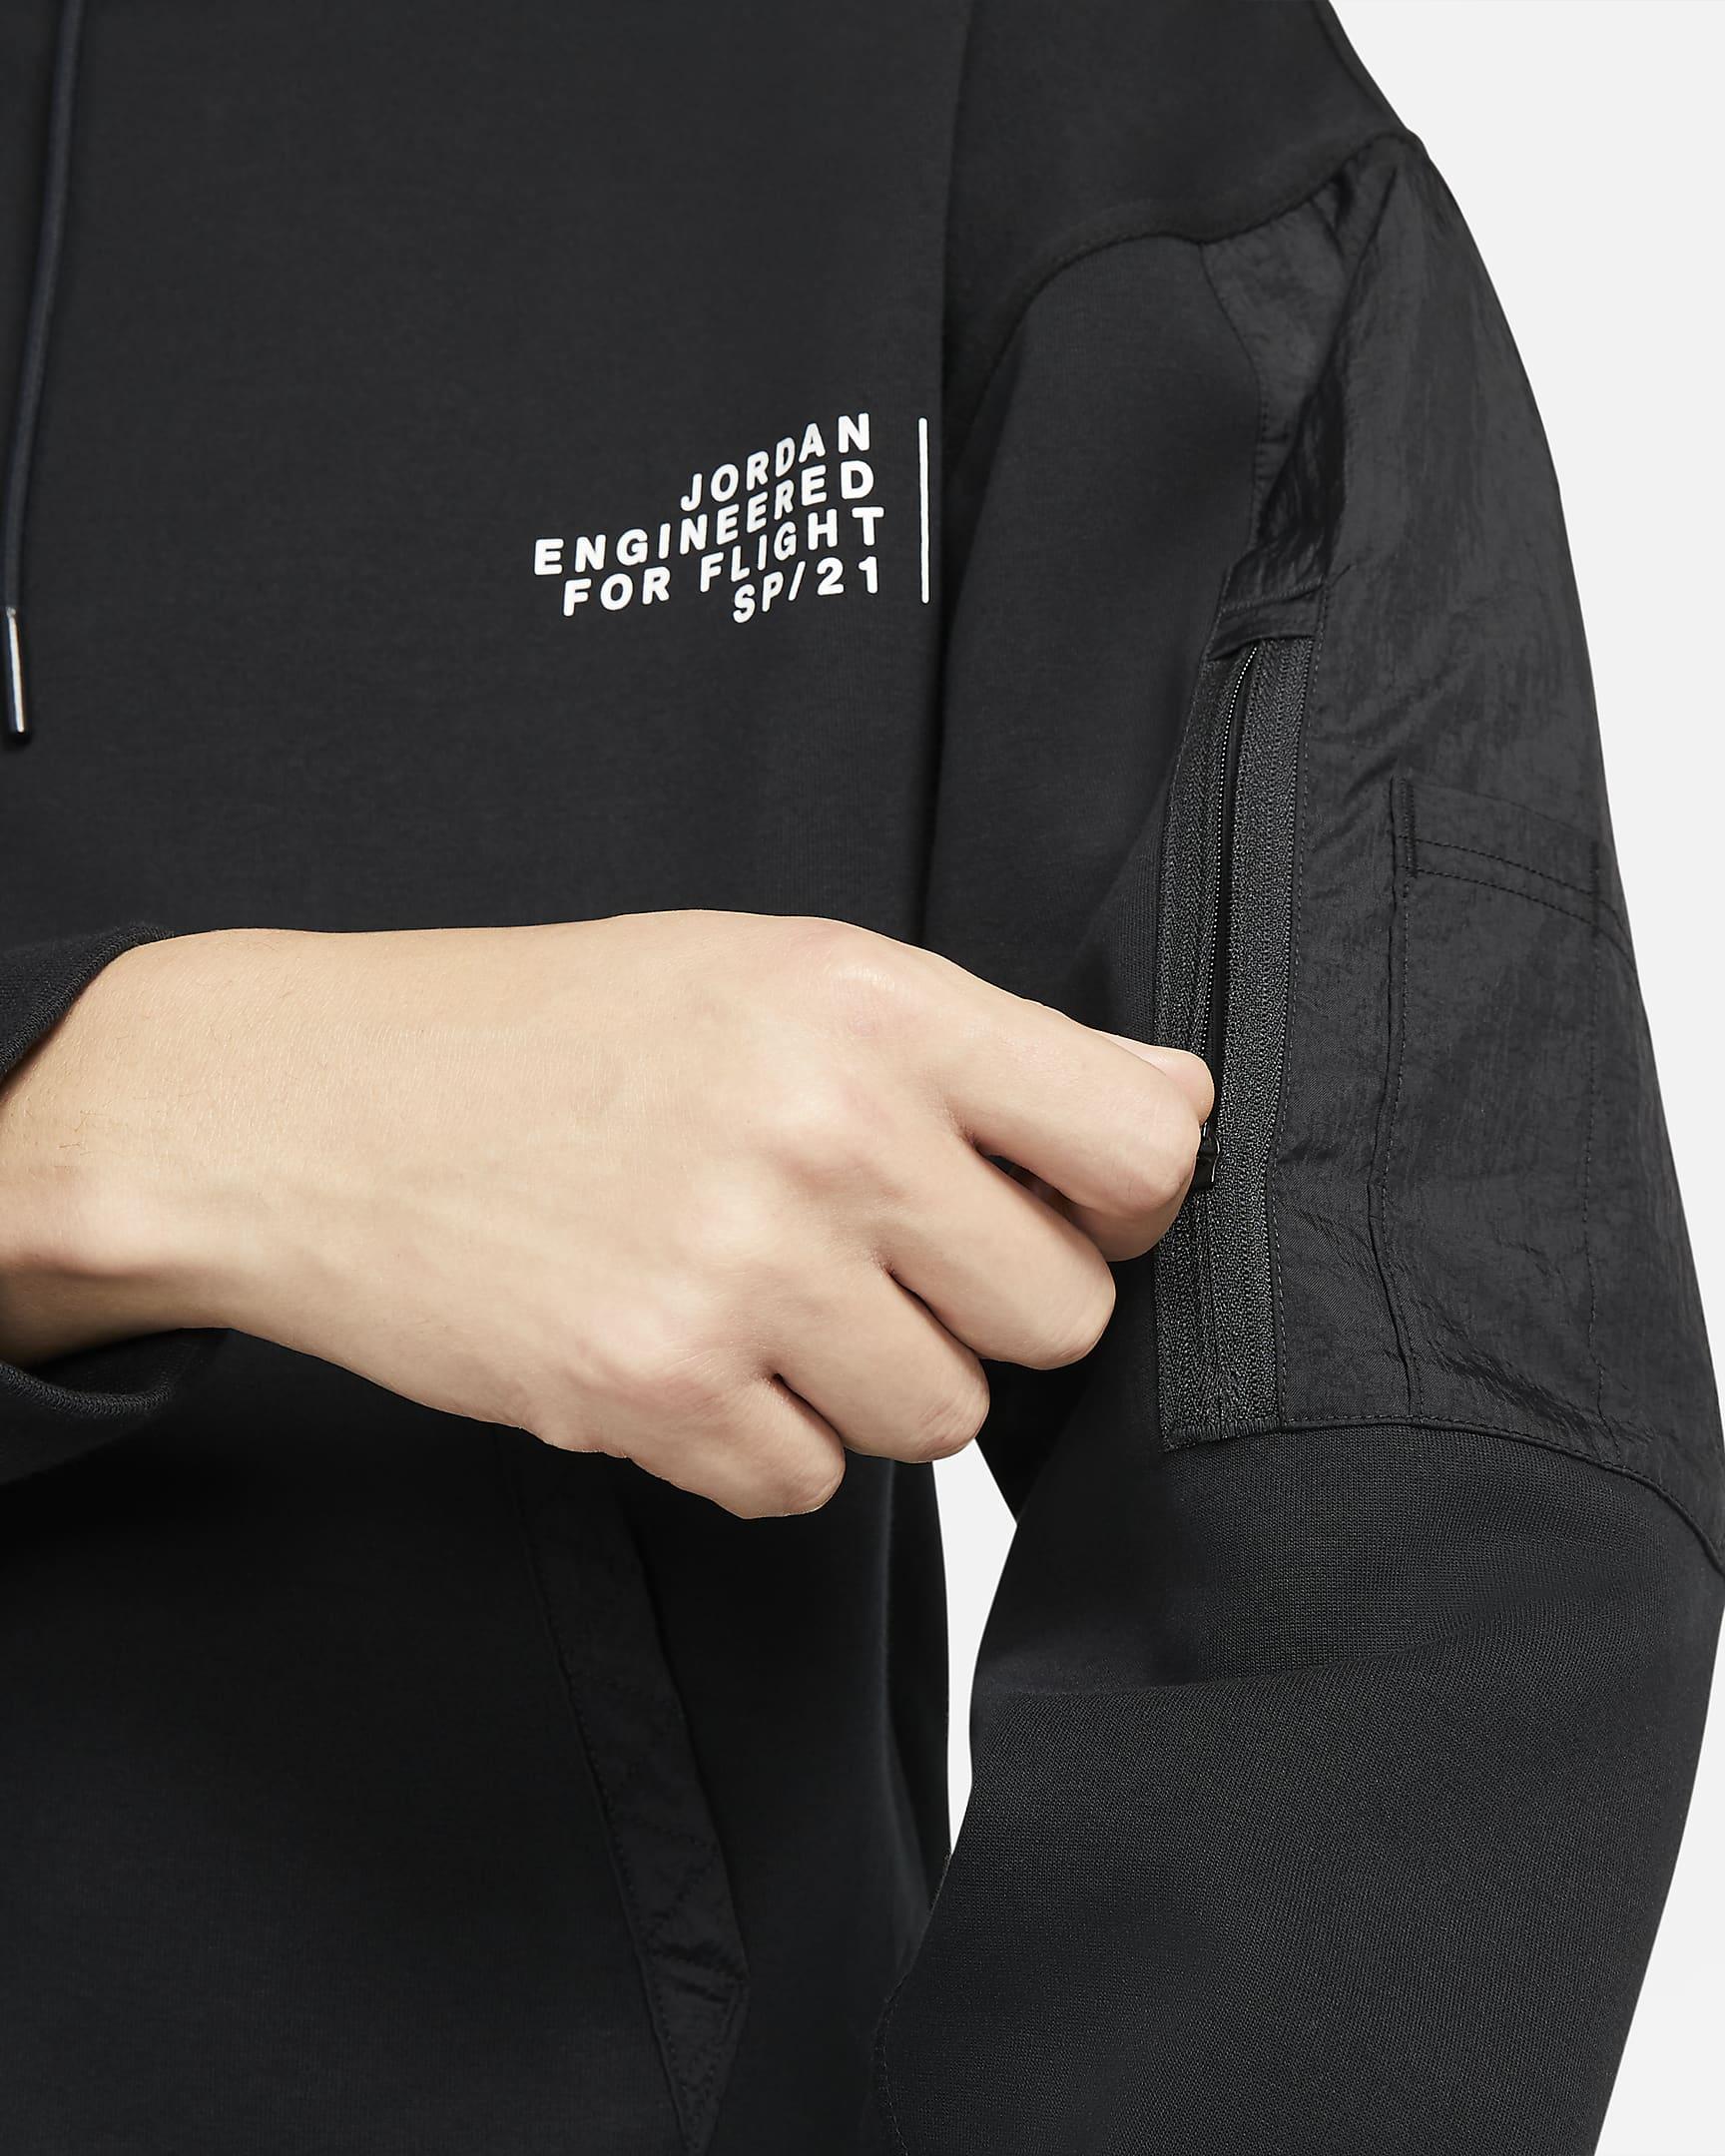 jordan-23-engineered-mens-fleece-pullover-hoodie-nC8Nrg-4